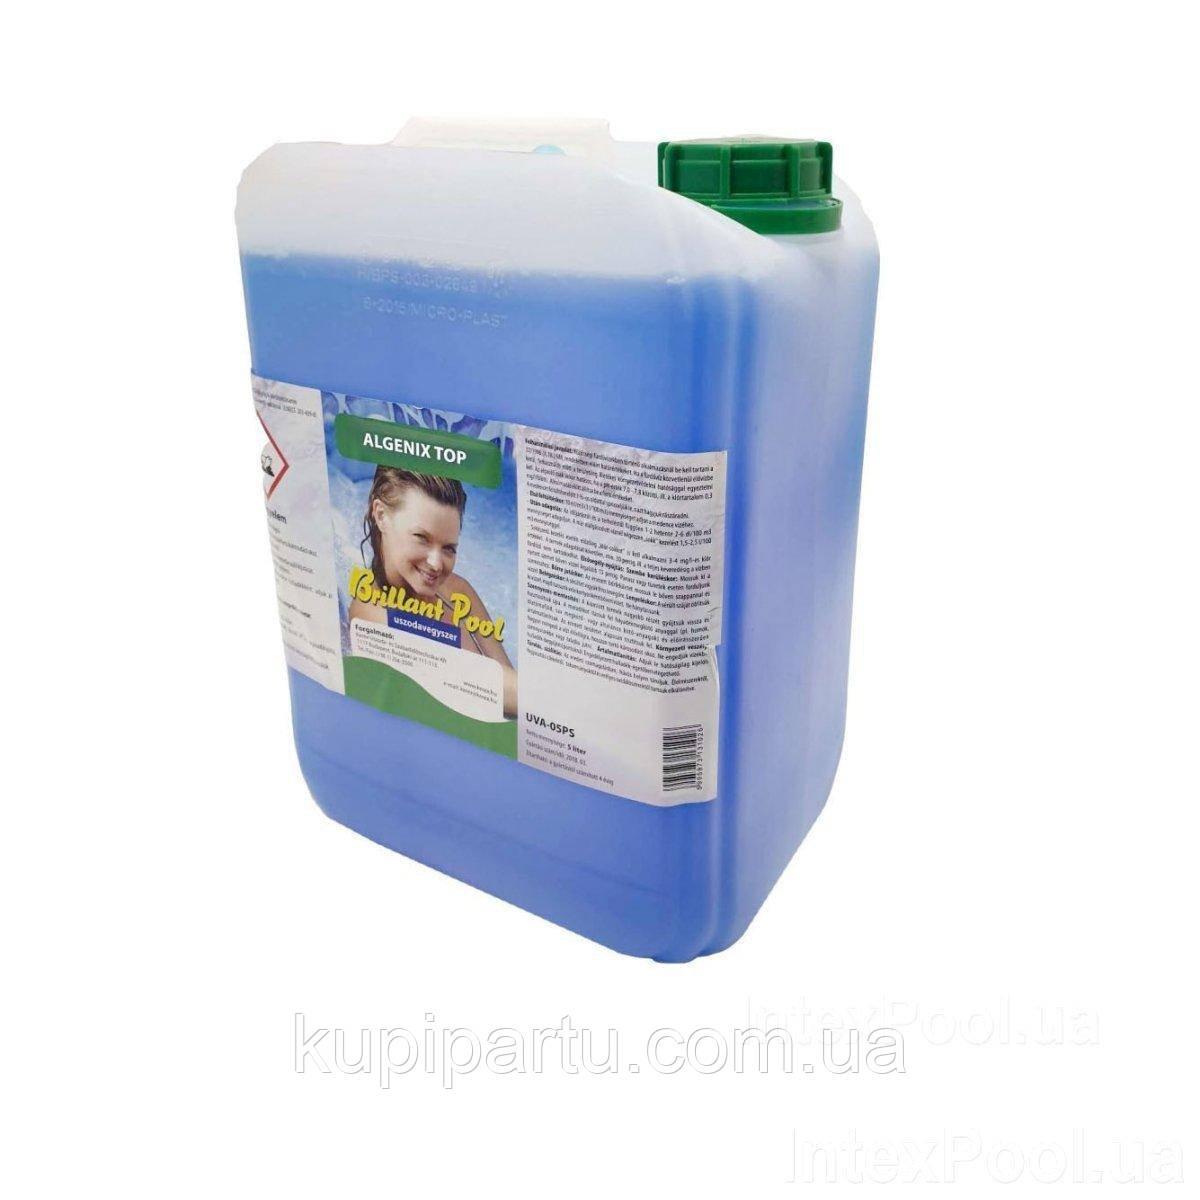 Альгекс ТОП (концентрат) препарат для очистки от водорослей Kerex 816, 5 л, Венгрия